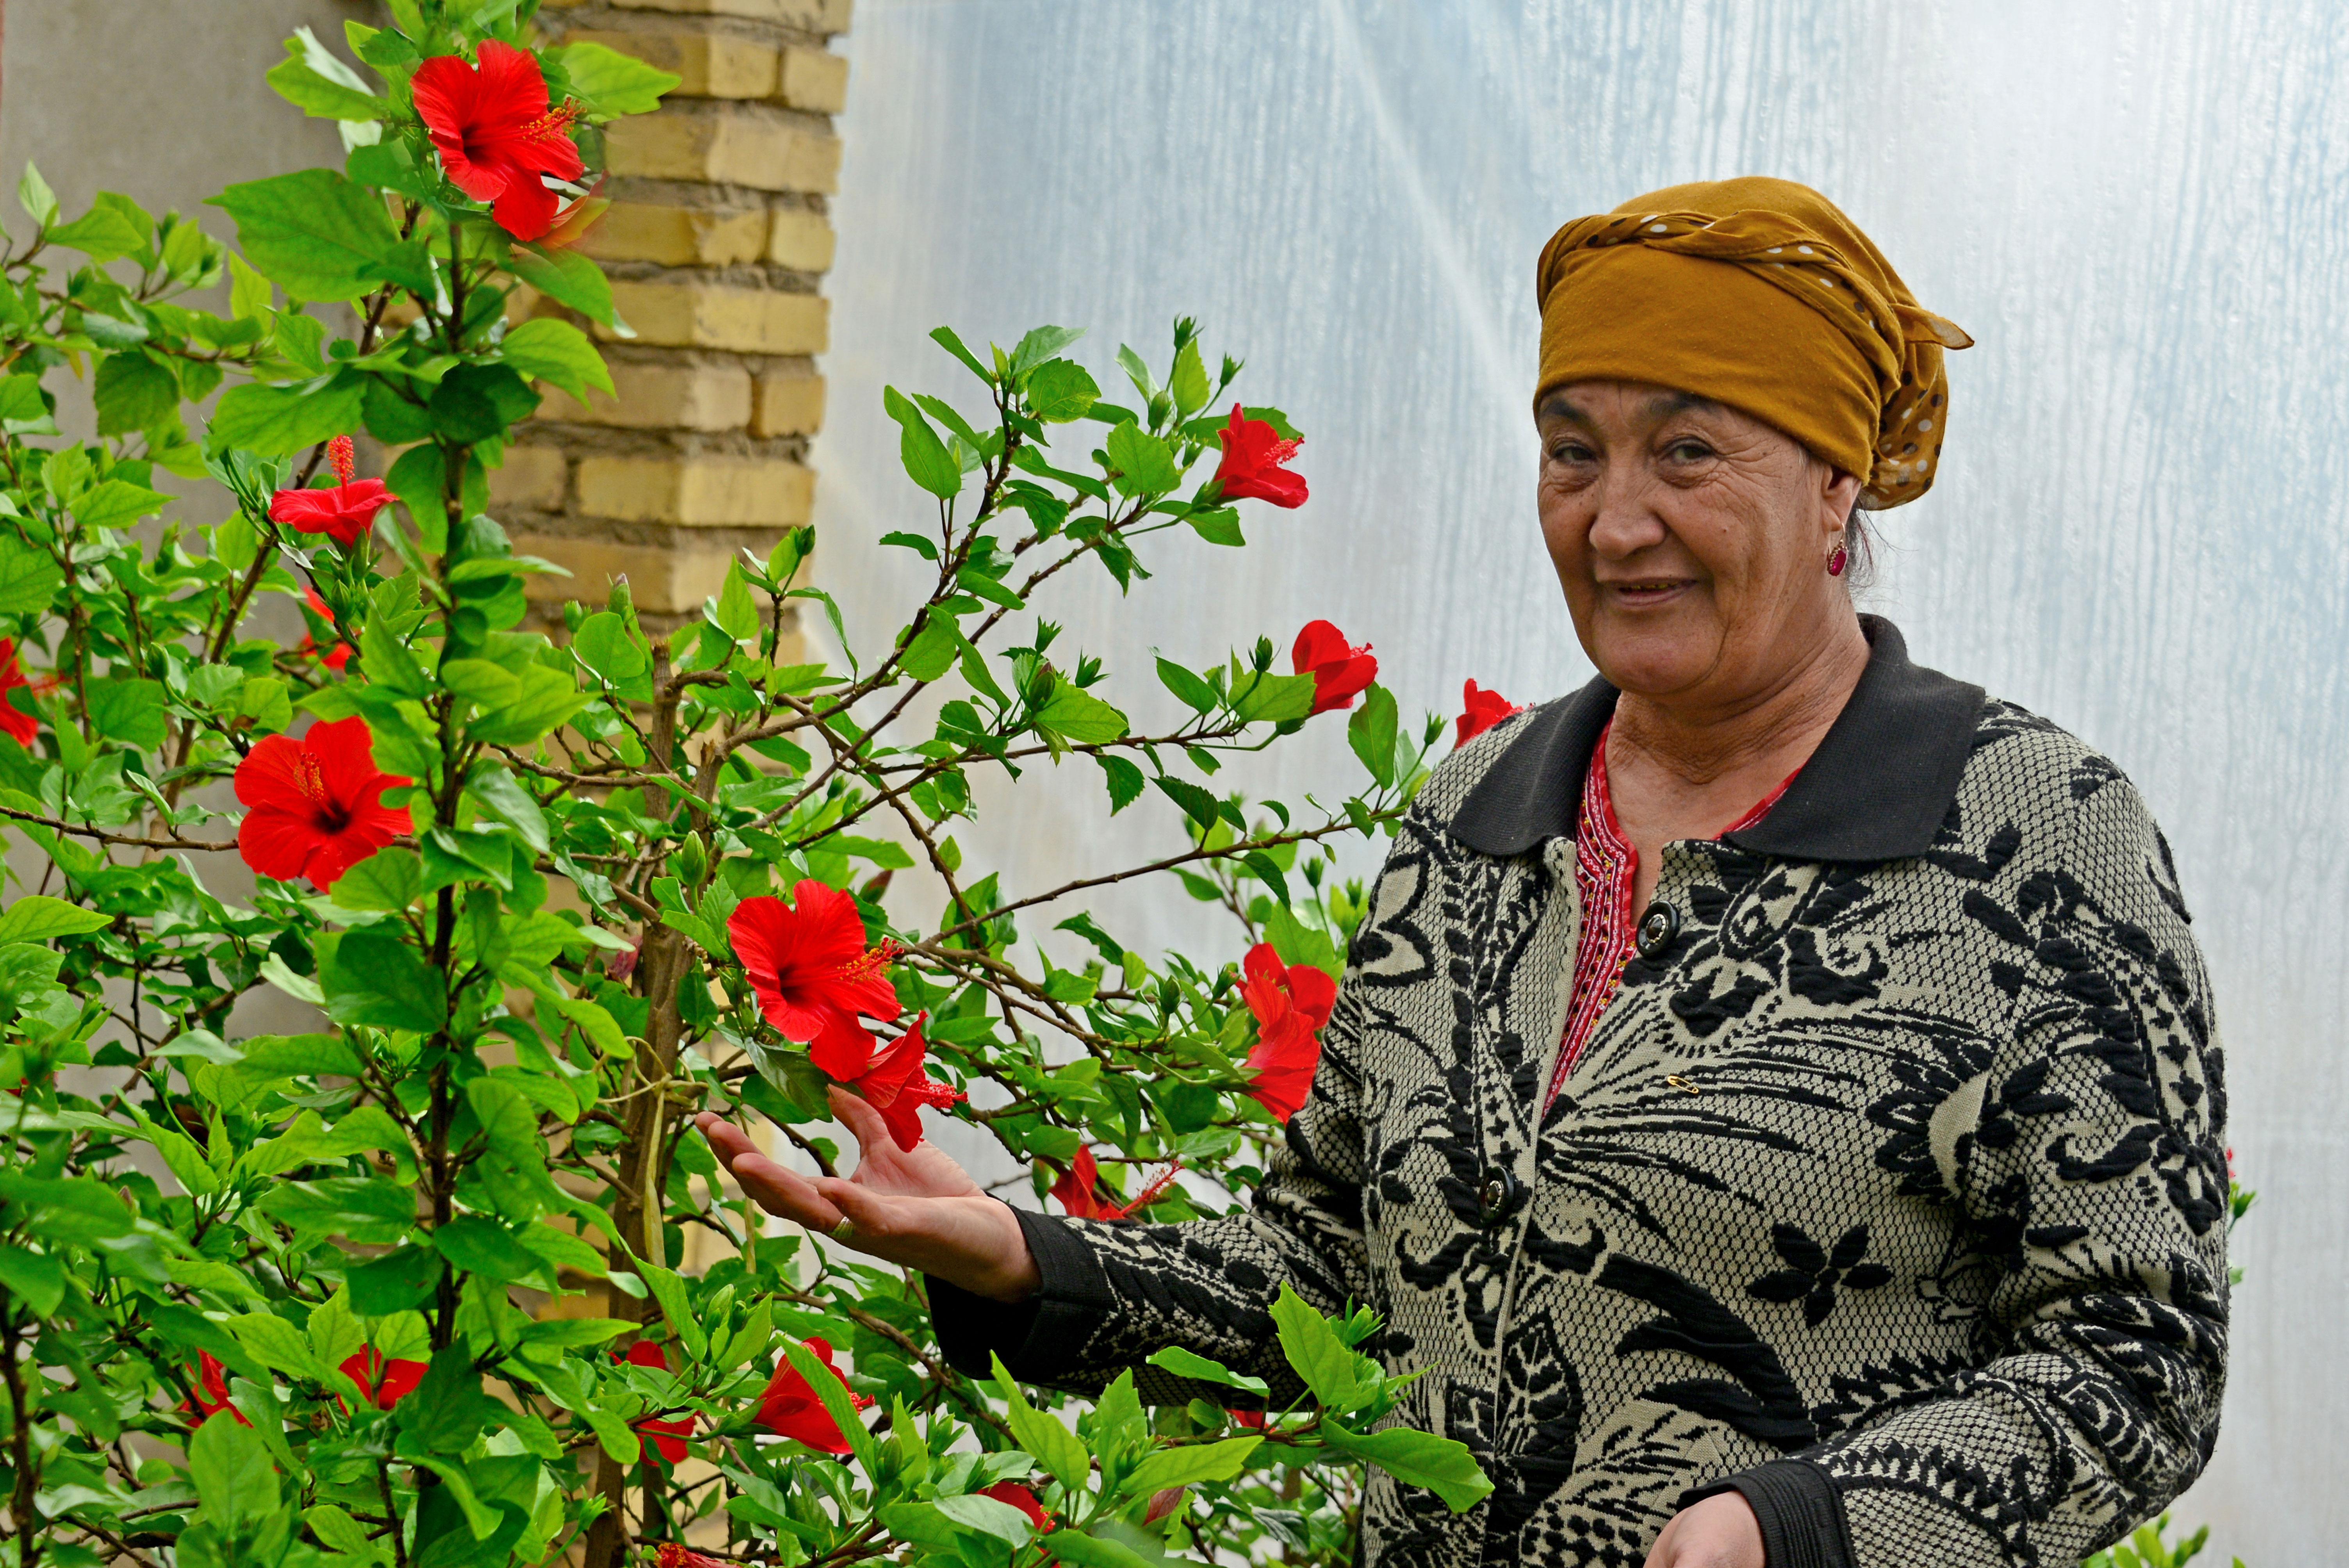 Вермикомпостирование – Источник Альтернативного Дохода Женщин в Сельском Хозяйстве